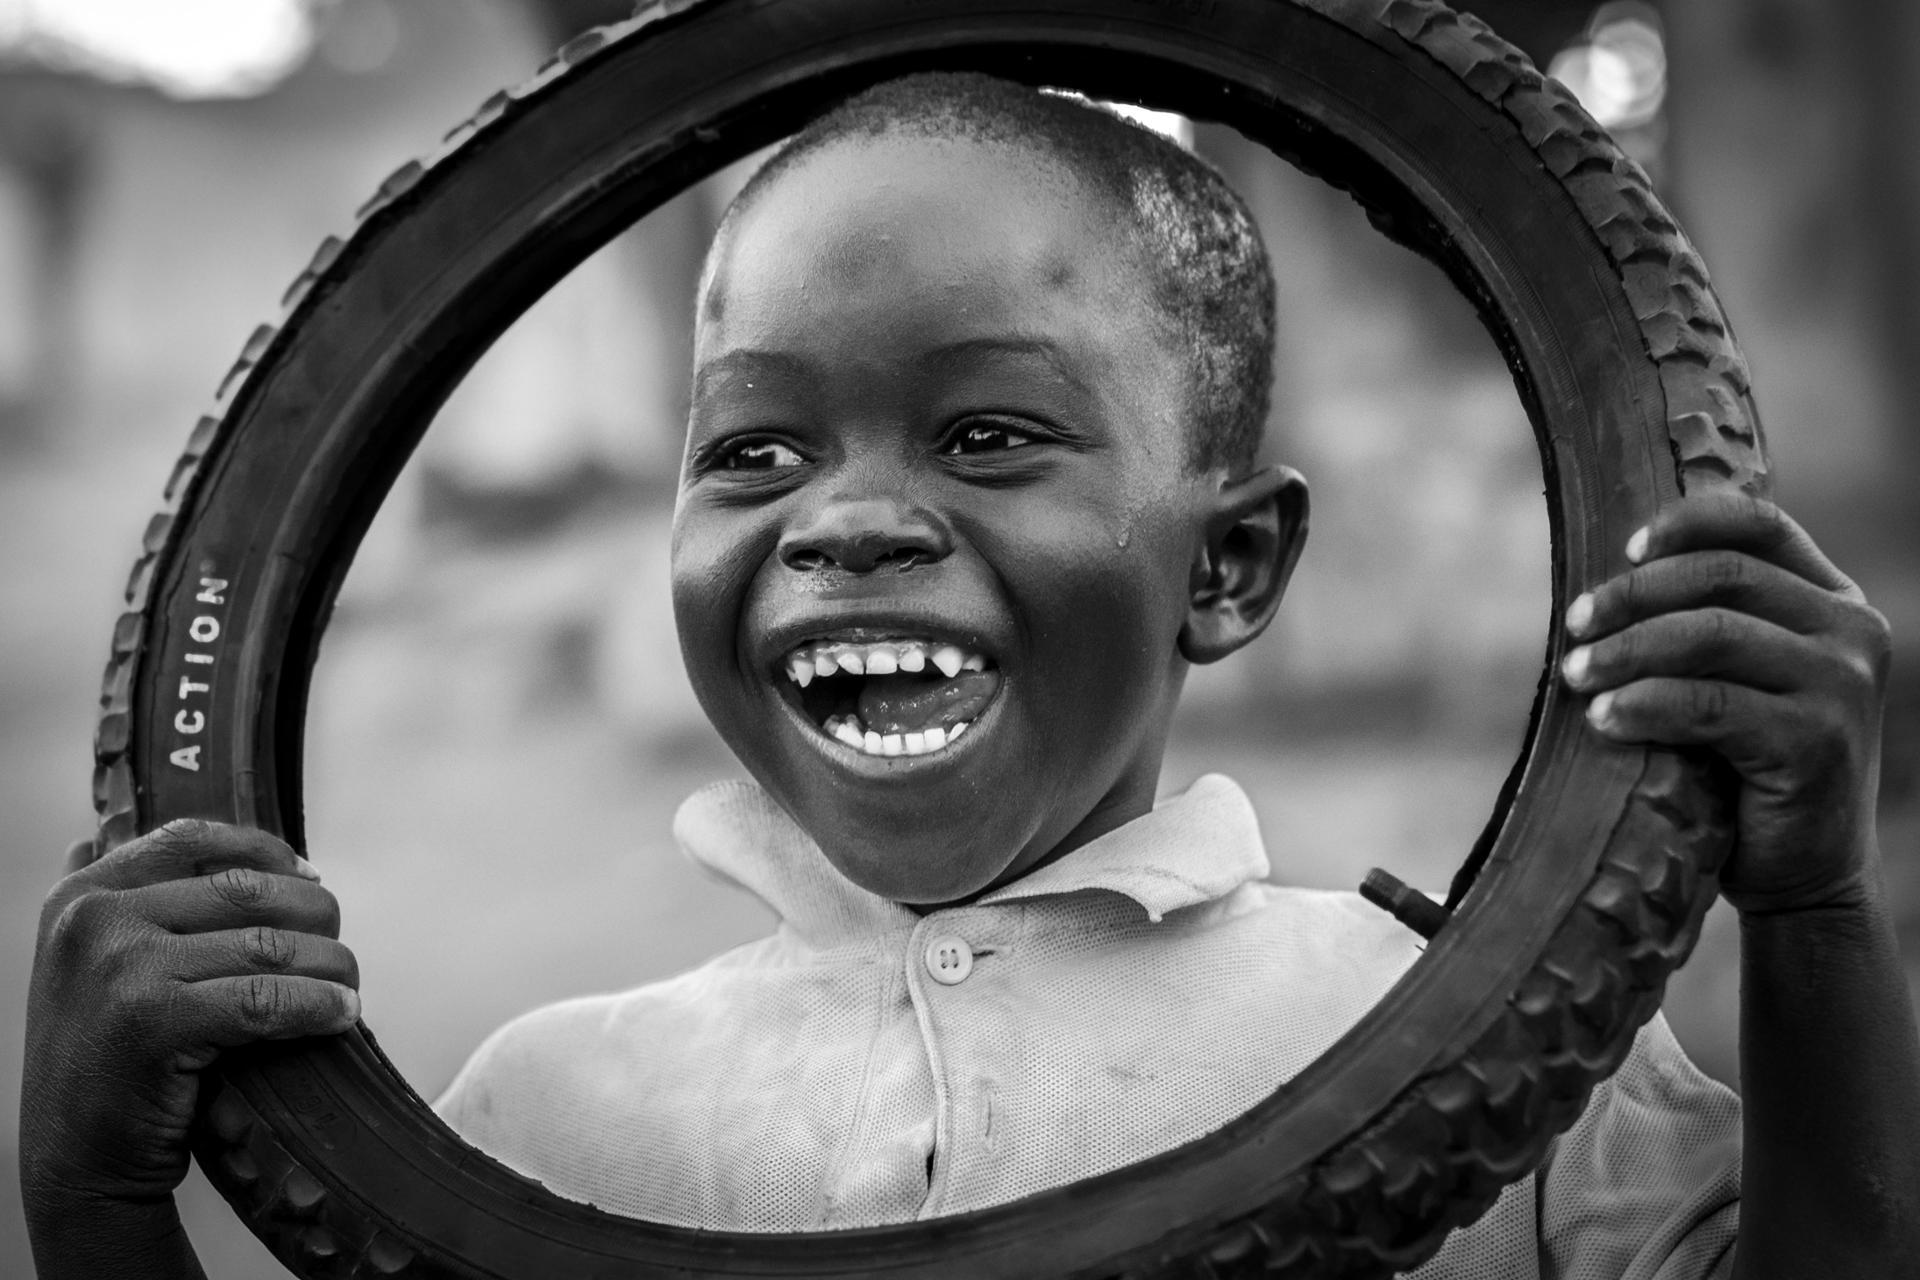 Sourire en roue